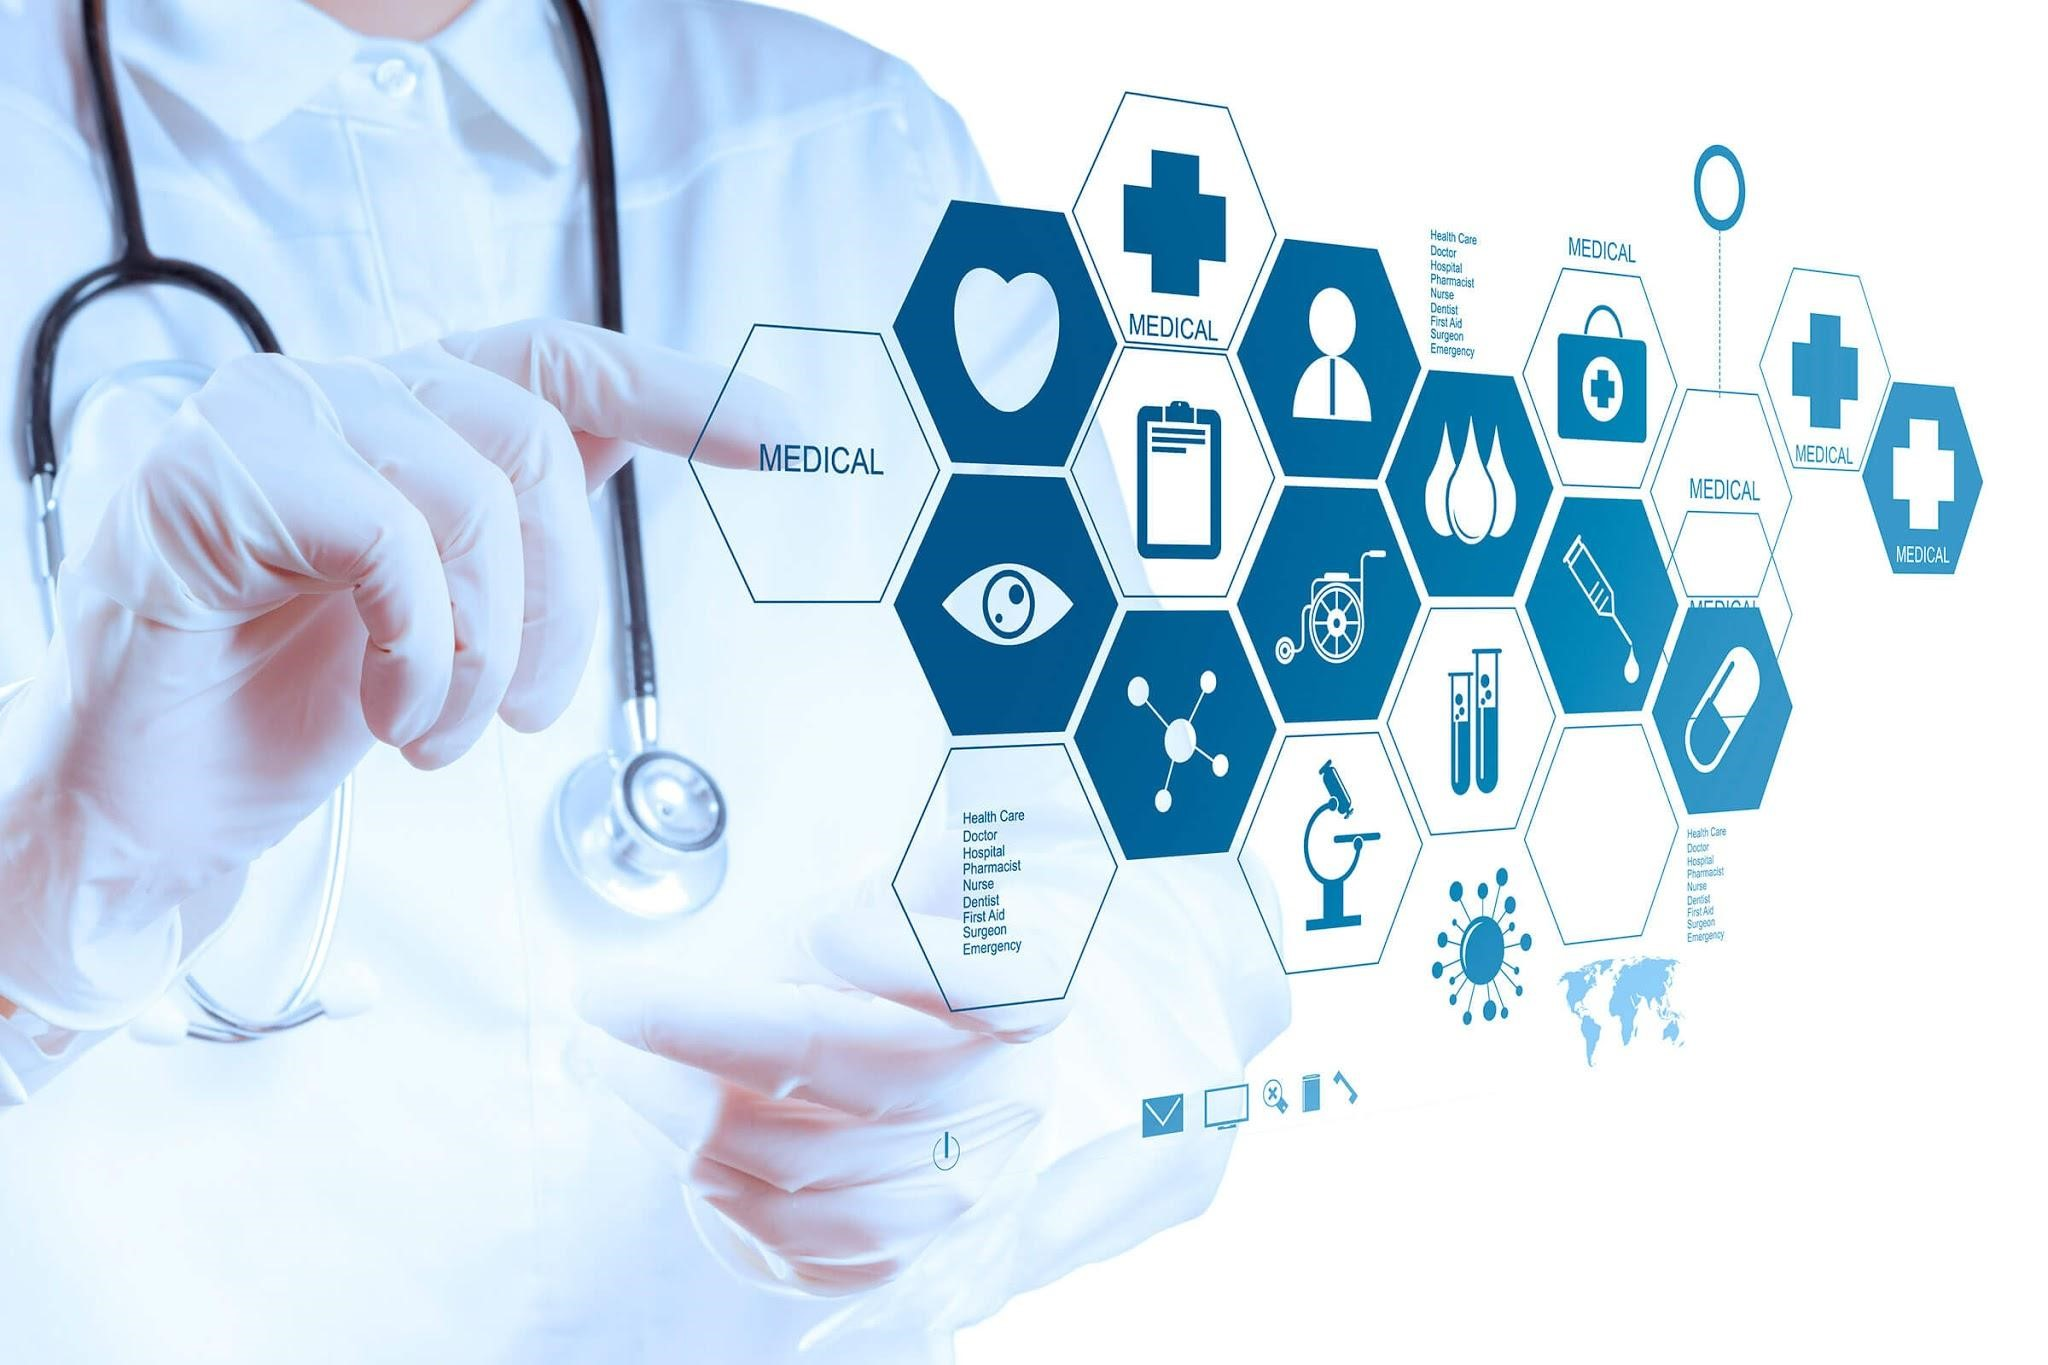 Kỷ nguyên số tạo ra nhiều điều kiện thuận lợi cho bộ phận R&D